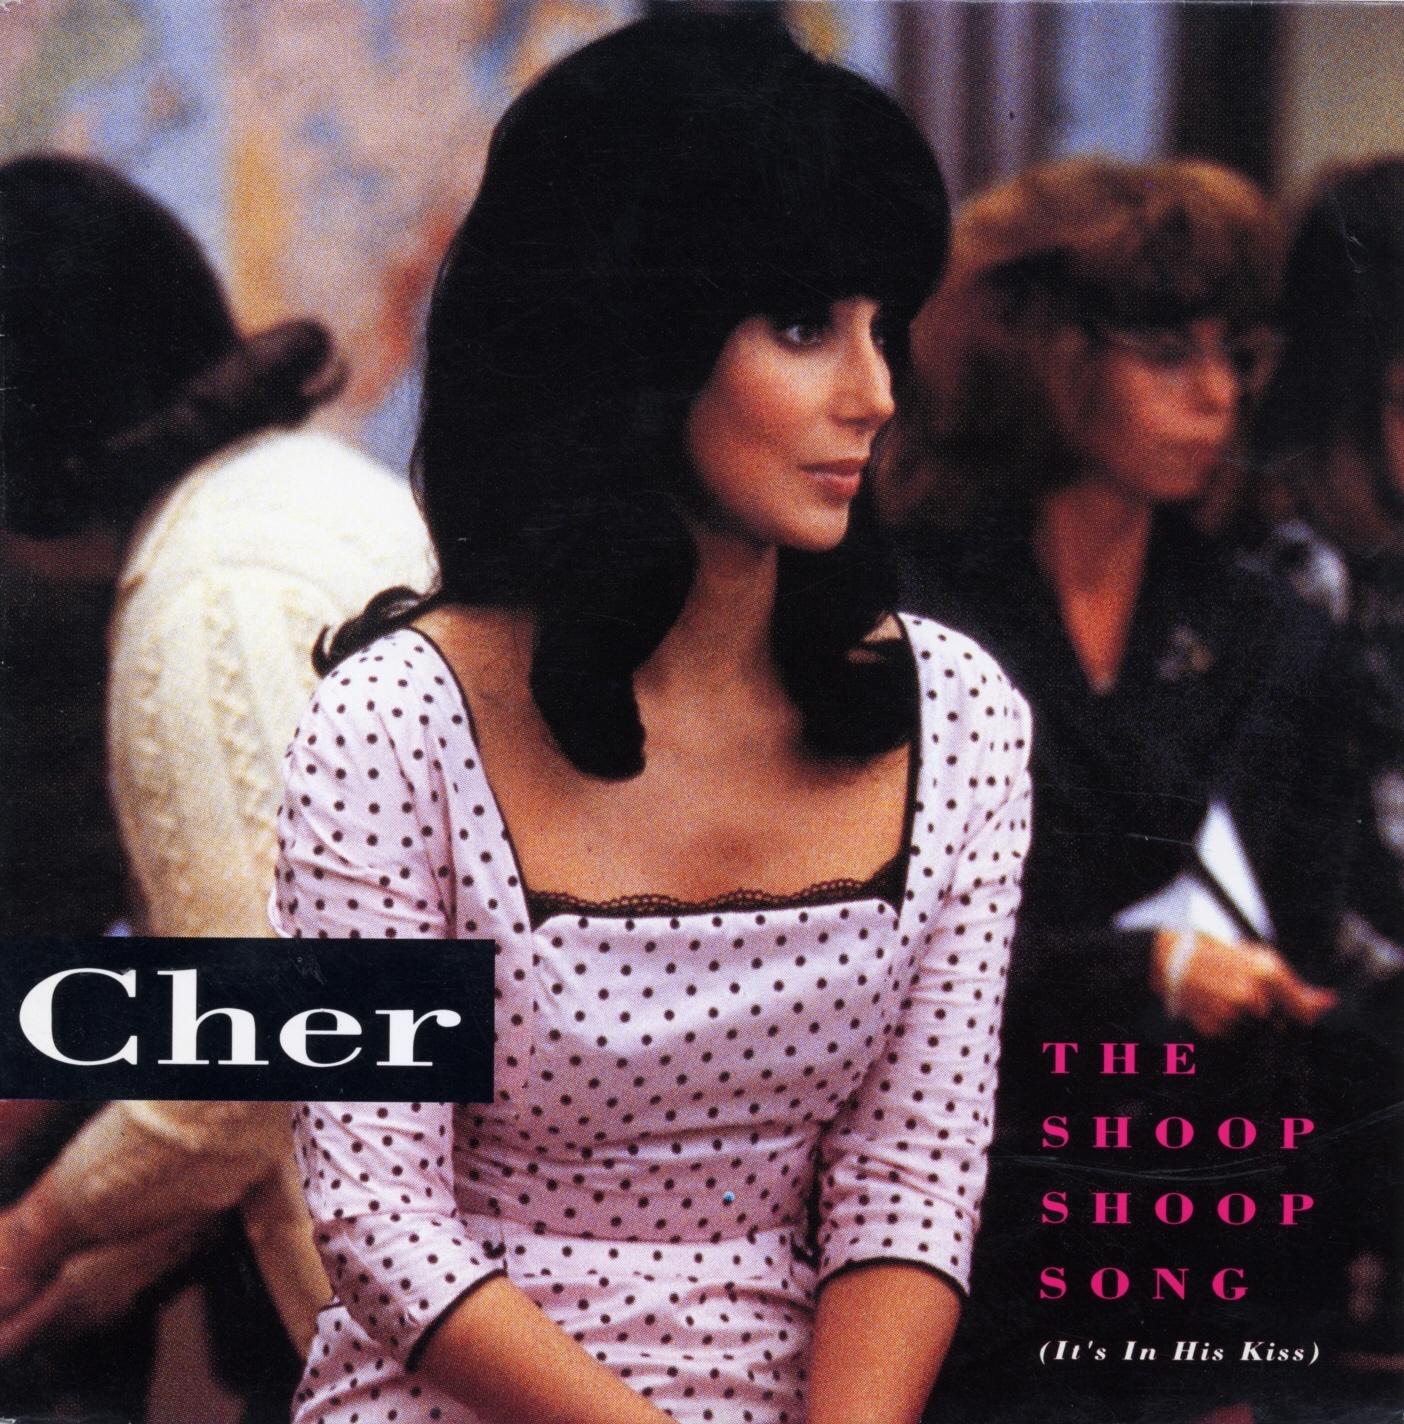 The shoop shoop song ( It's in his kiss ) (Foto: Cher)